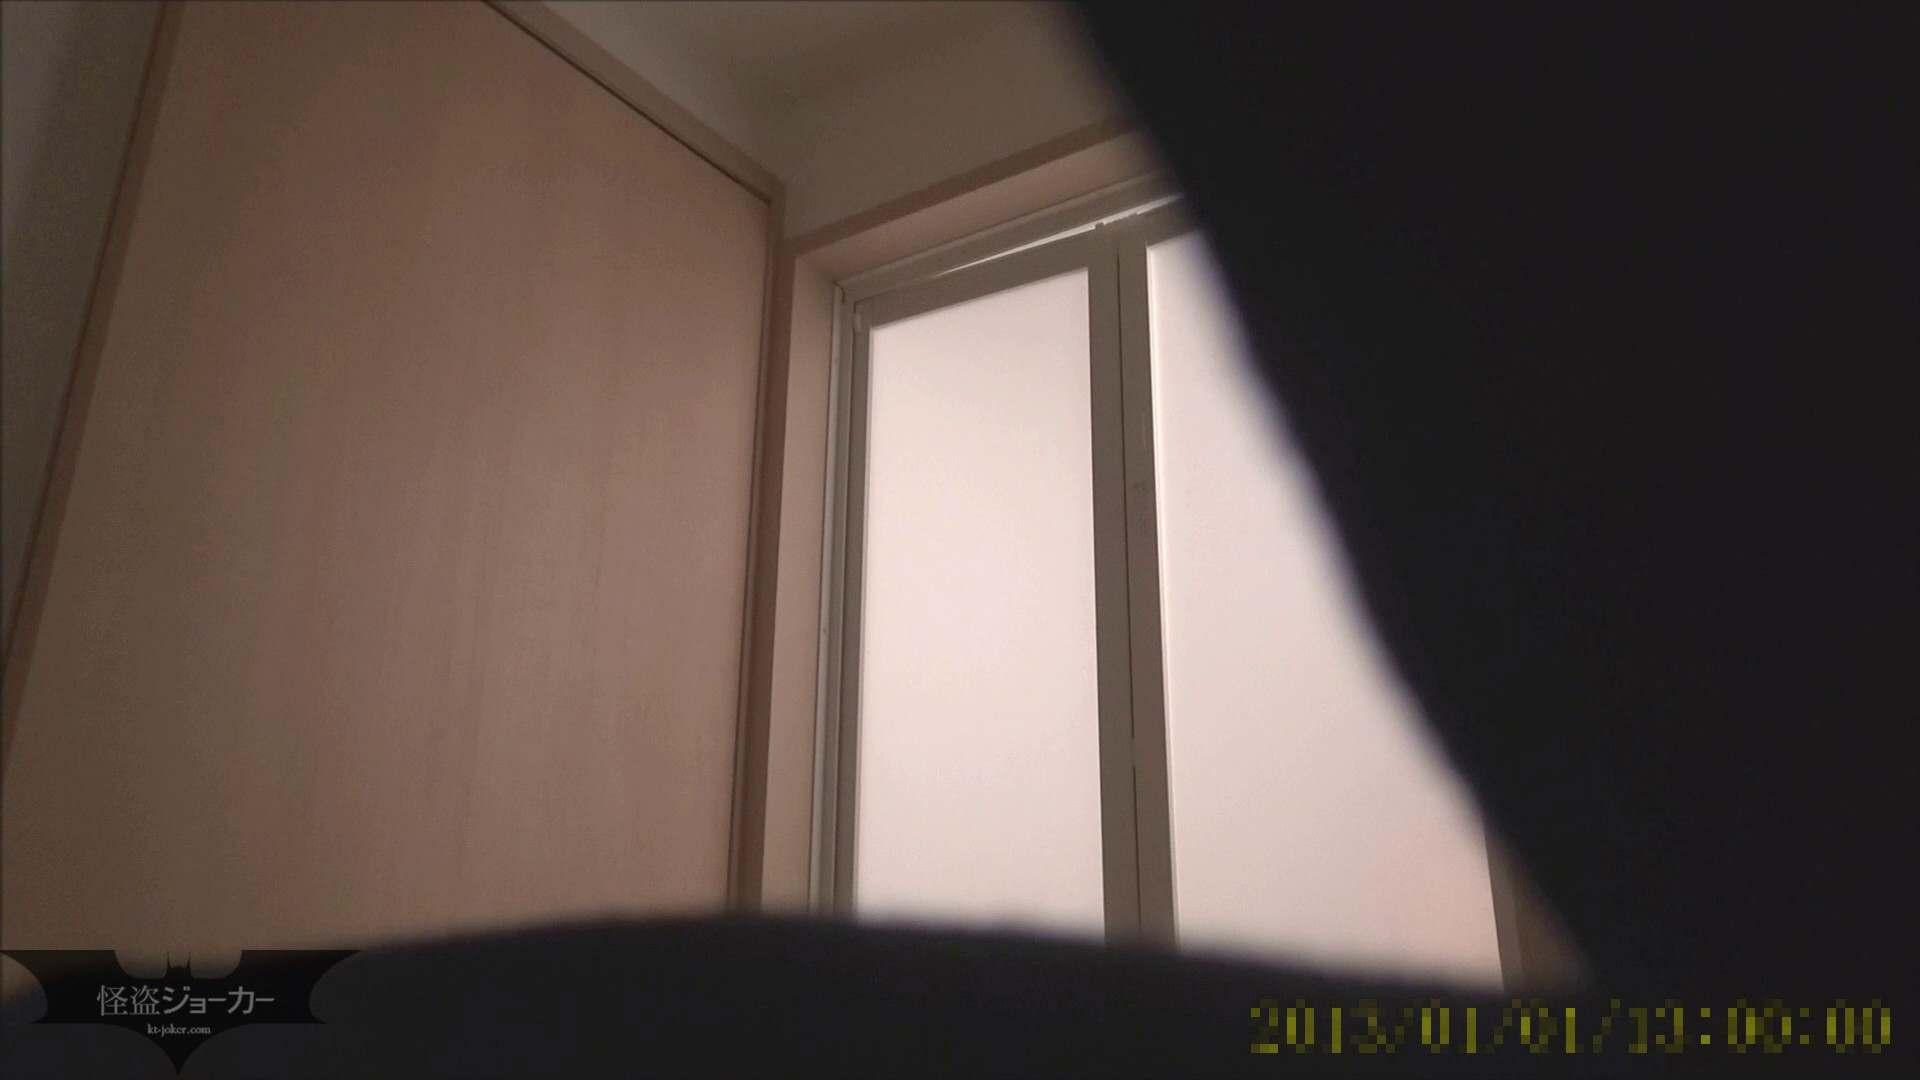 【未公開】vol.103  {黒髪→茶髪ボブに変身}美巨乳アミちゃん④【前編】 女子大生  92画像 80